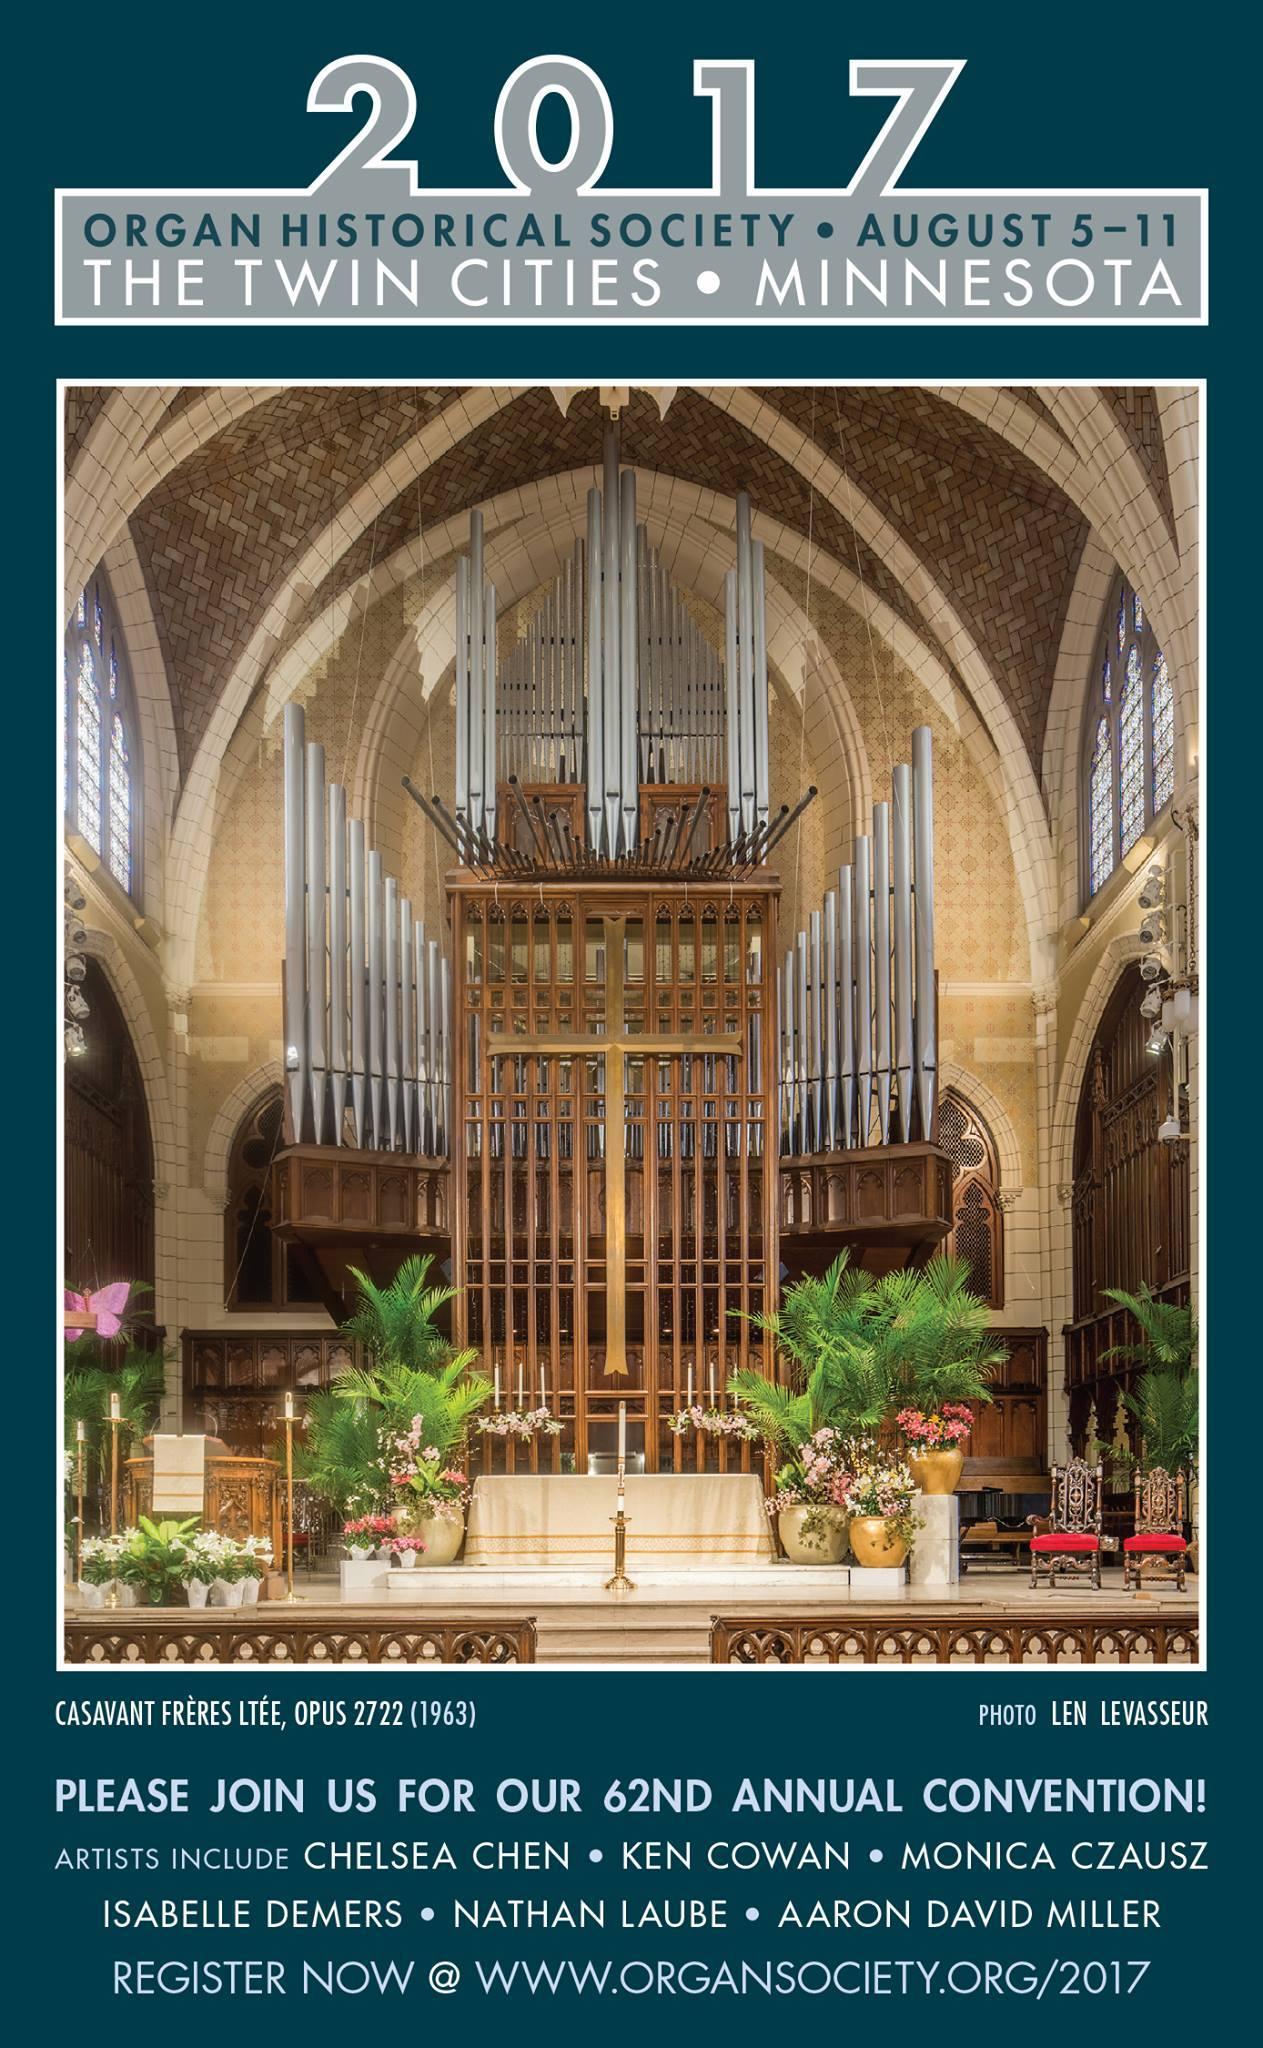 Organiste net | Calendar of Organ Recitals, Workshops,and Events